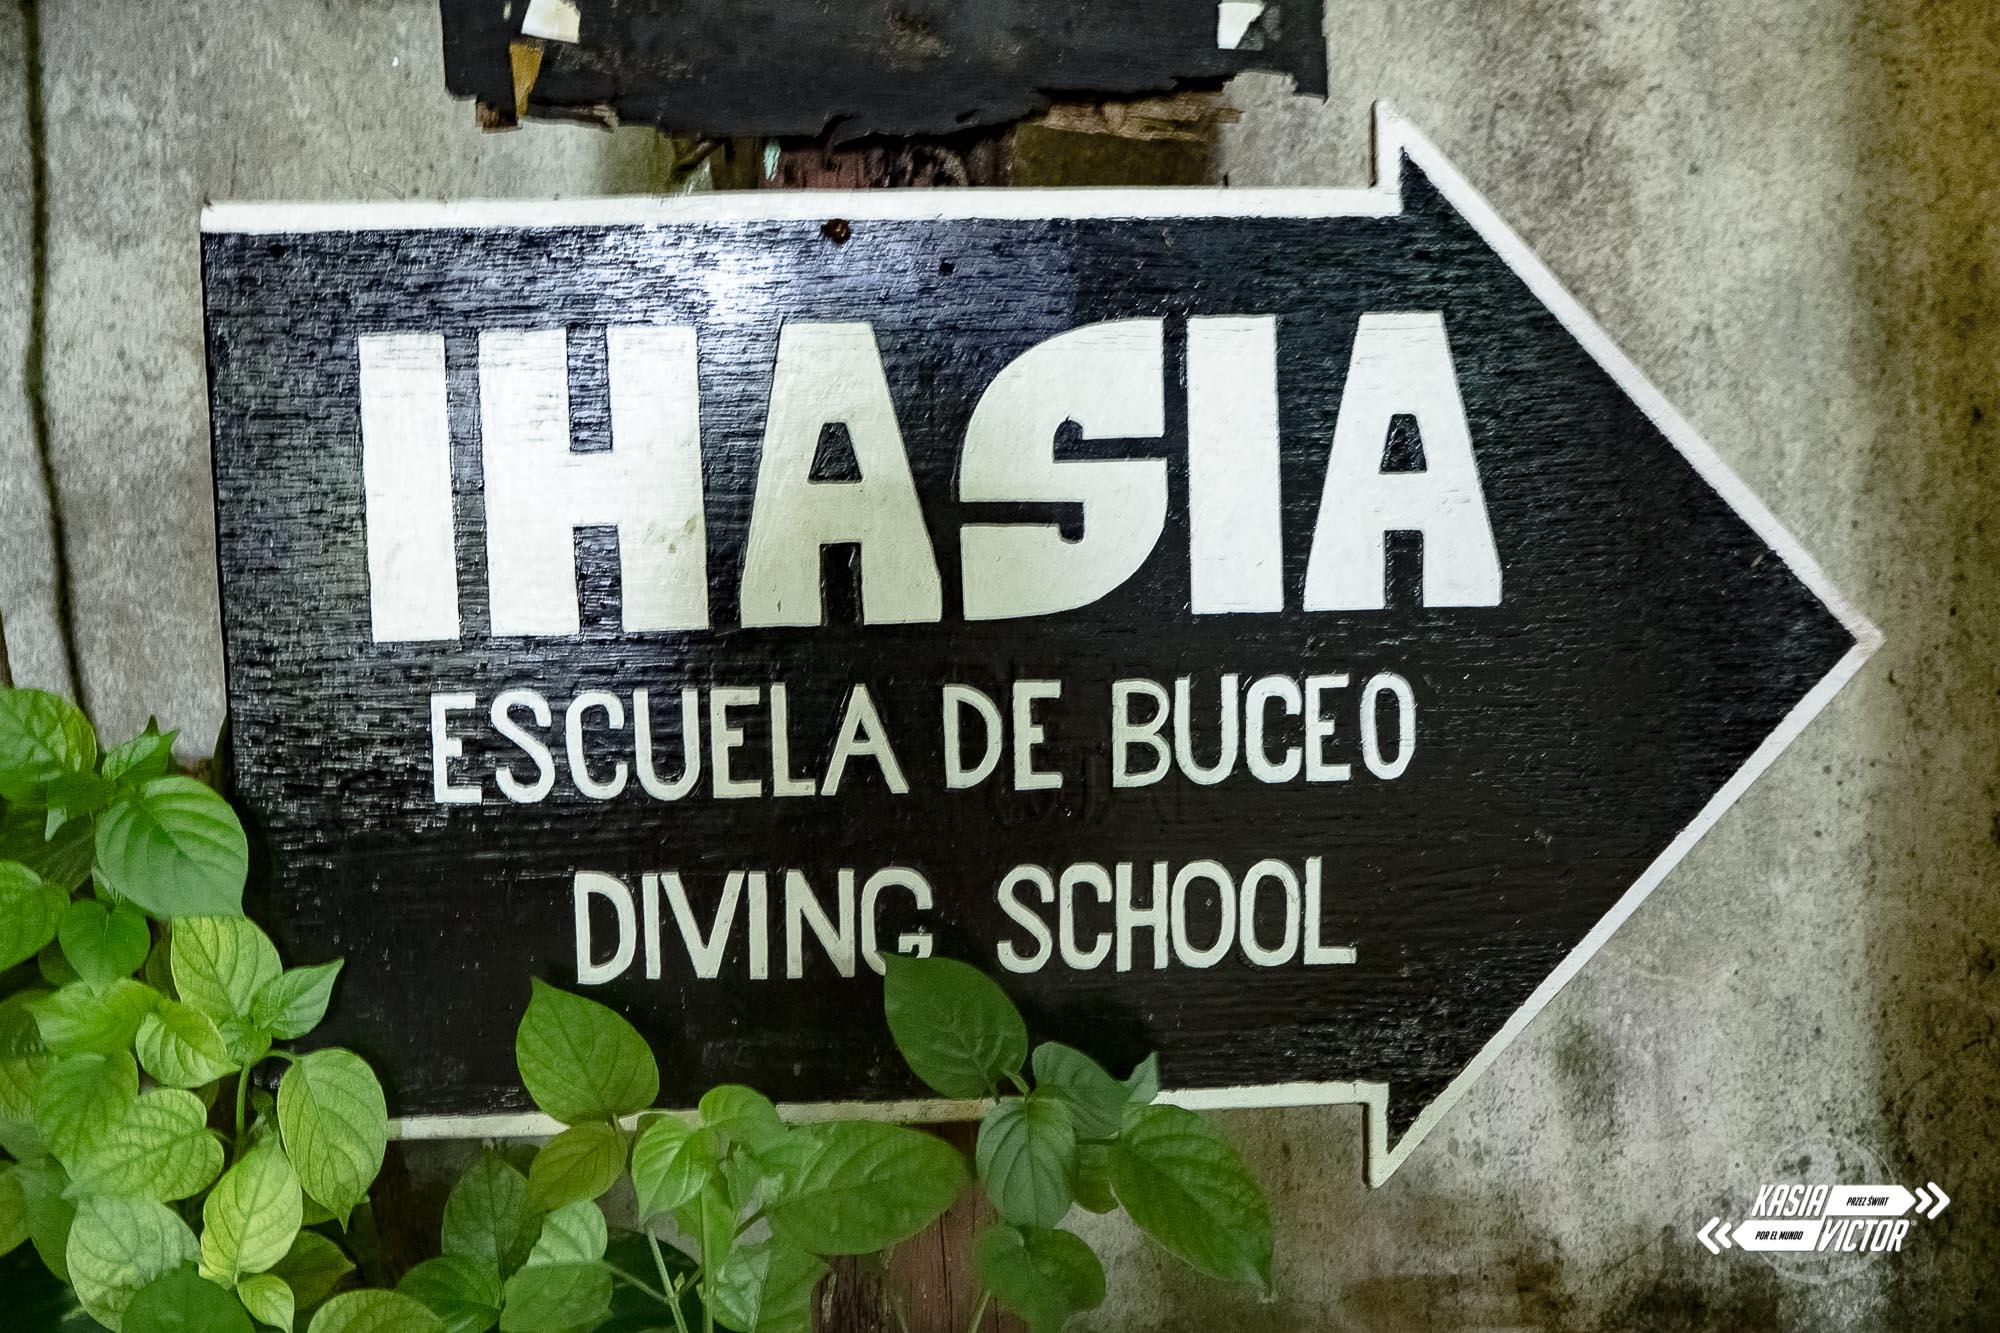 Ihasia